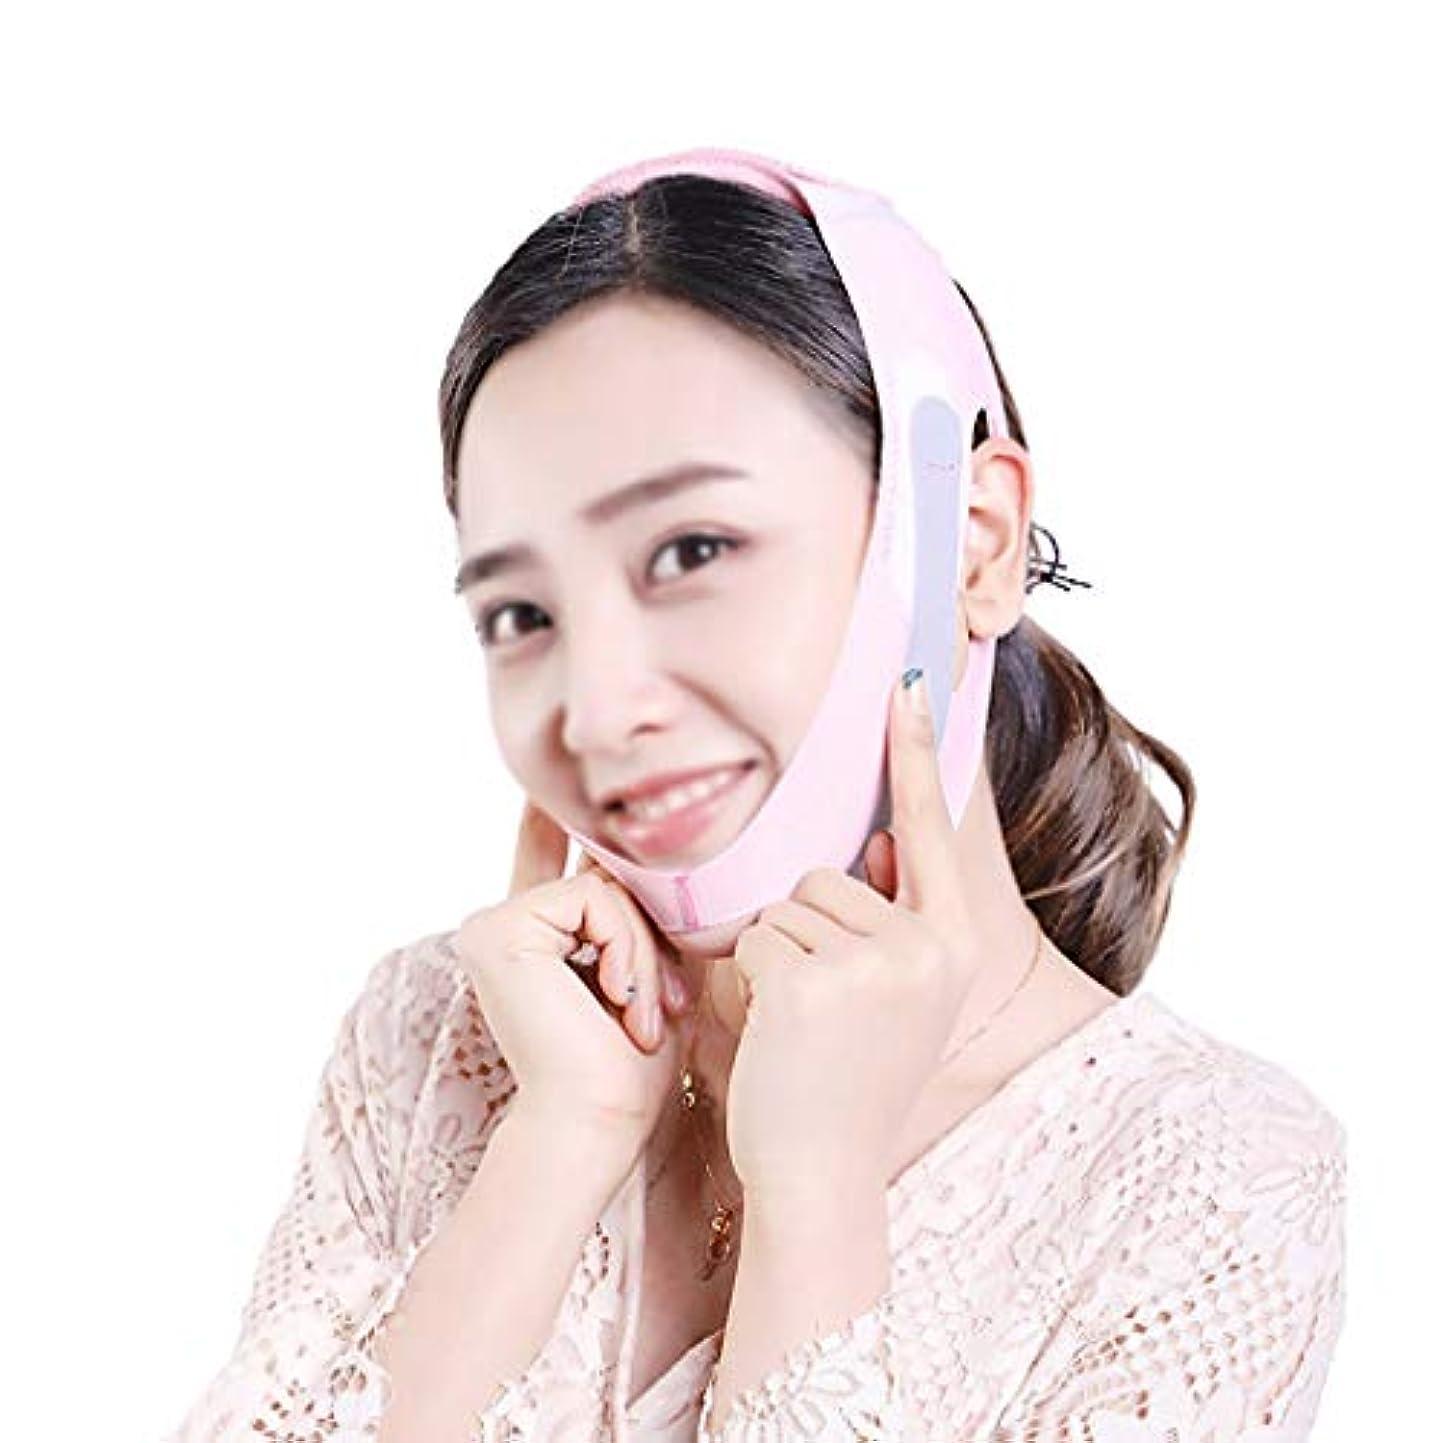 耳ケイ素暗黙フェイシャルマスク、フェイスリフティングアーティファクト包帯リムーバーダブルあごスティックリフティング締め付け咬筋筋肉垂れ防止ベルトスリミングベルト